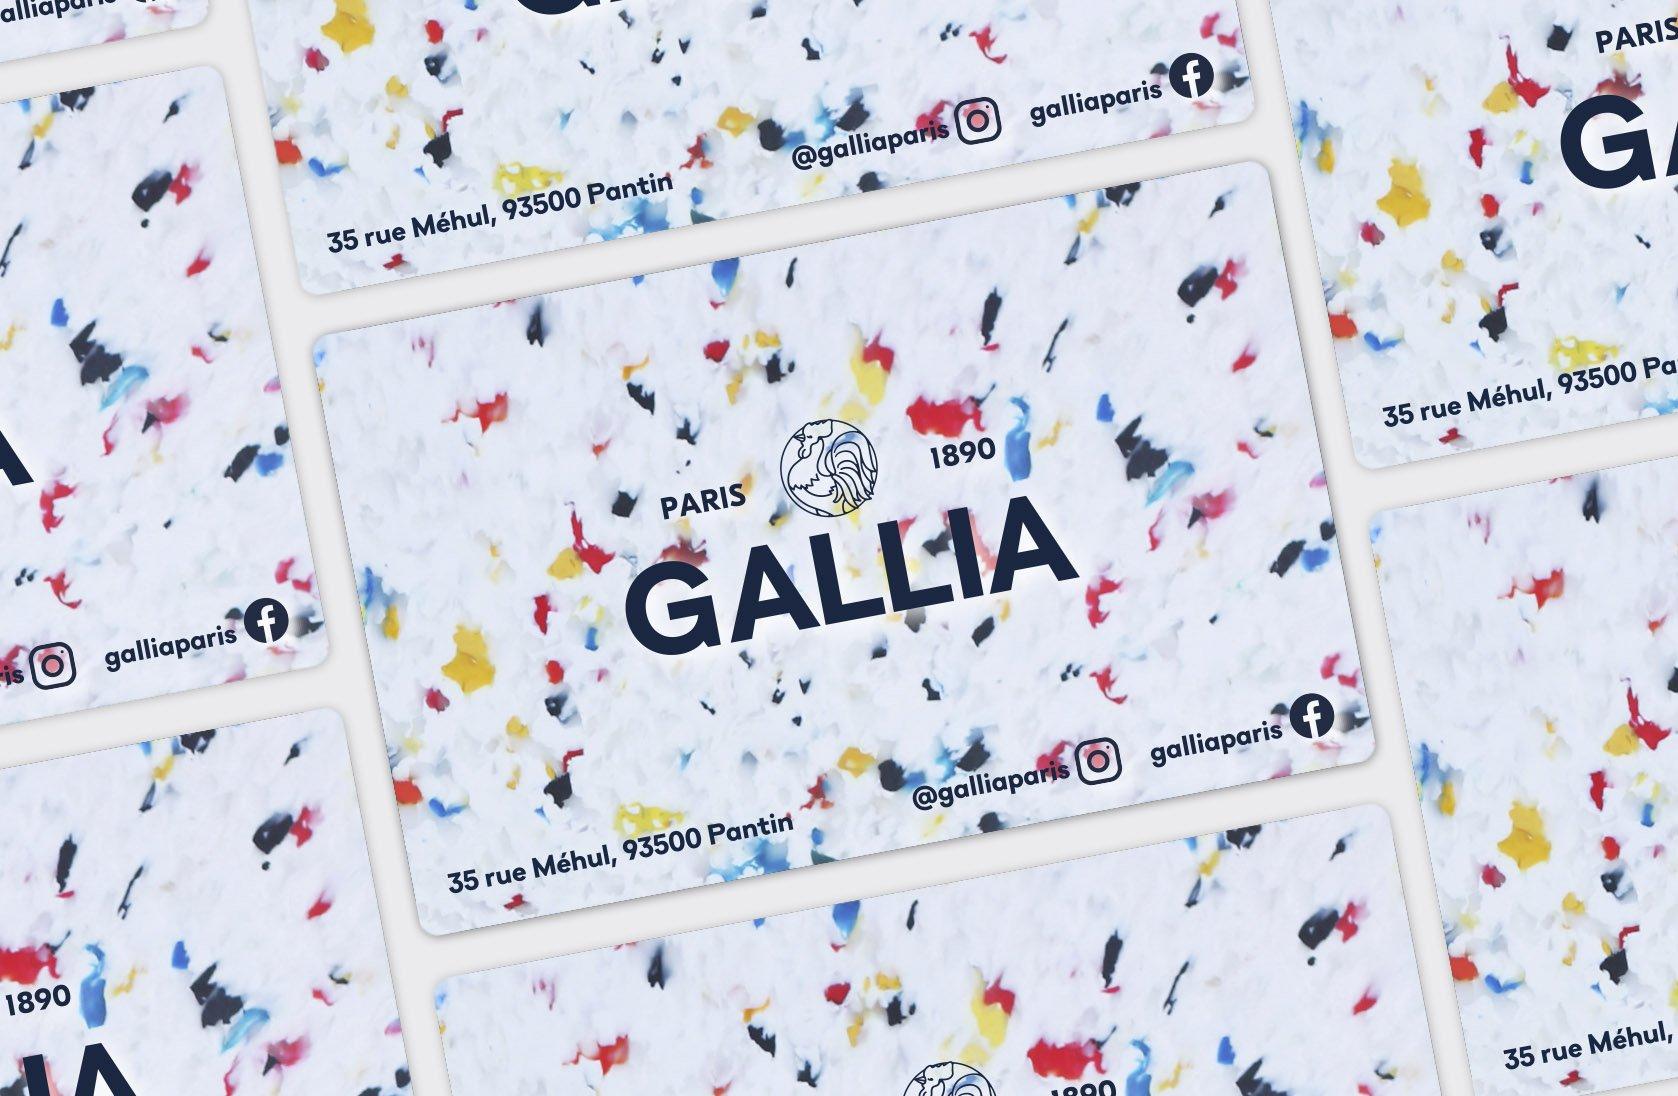 Compte premium 1 an - Brasserie Gallia Paris (GalliaParis.com)